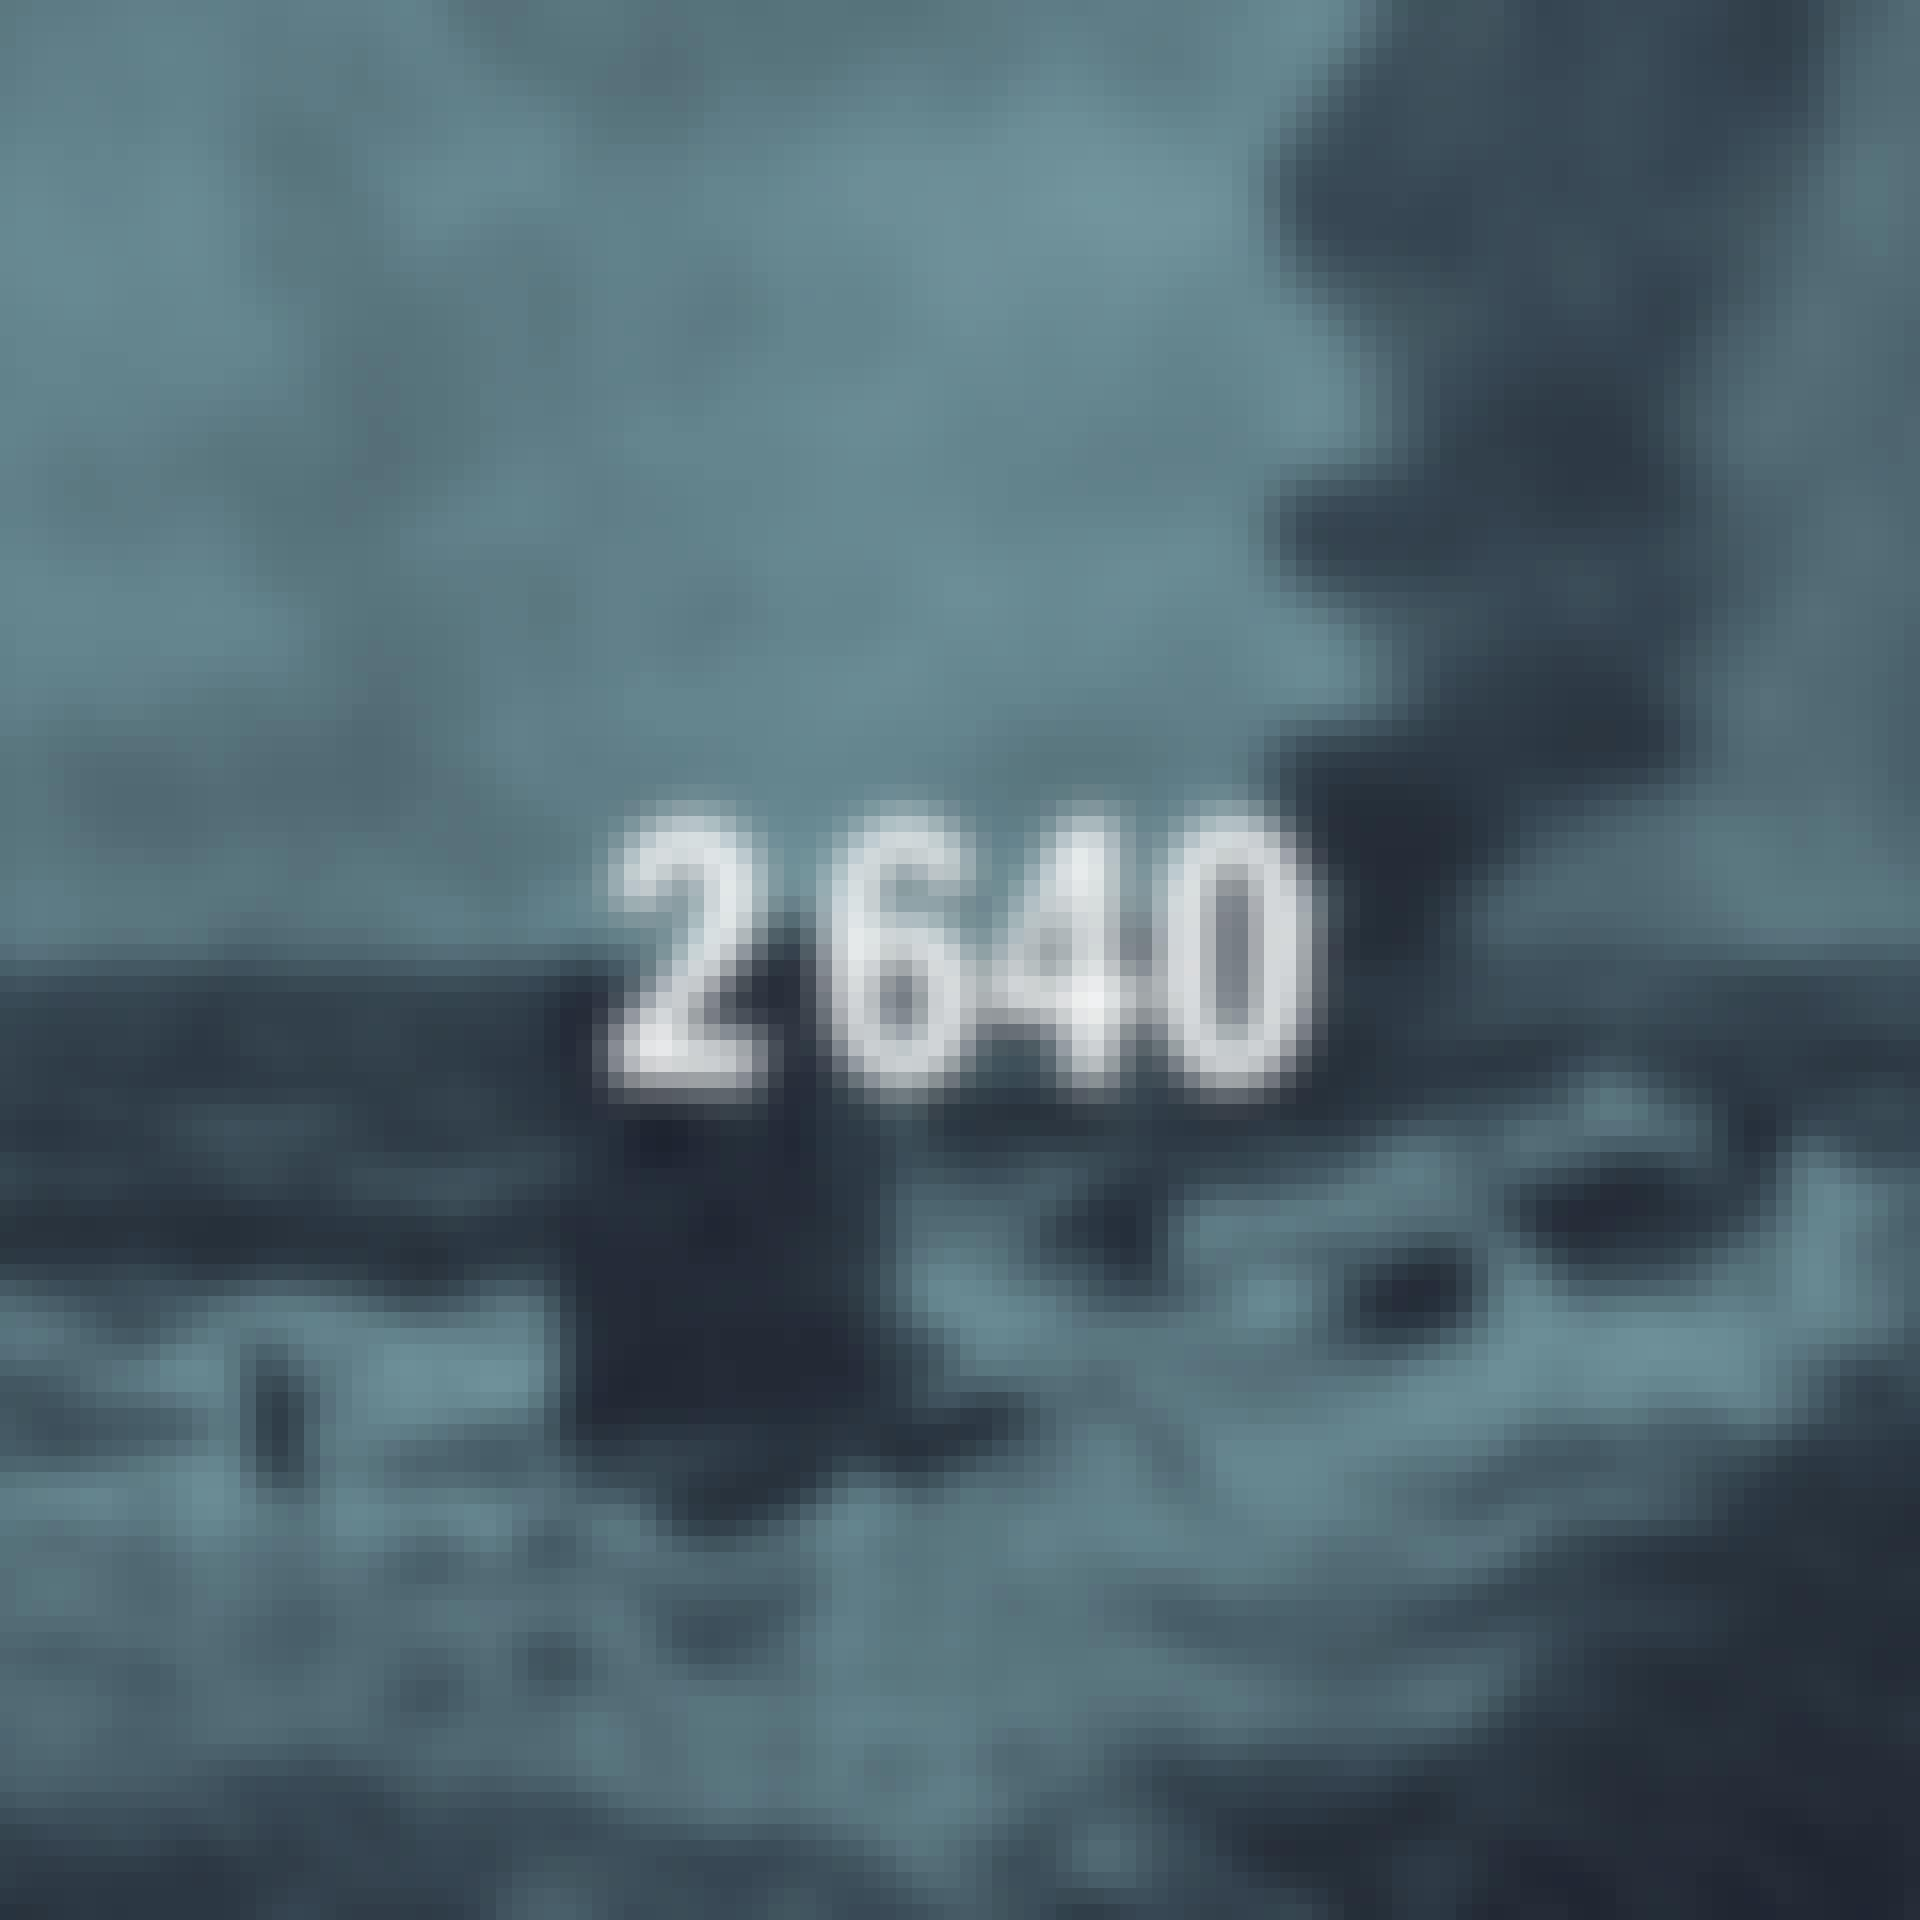 Liittoutuneiden saattueista upotetut alukset